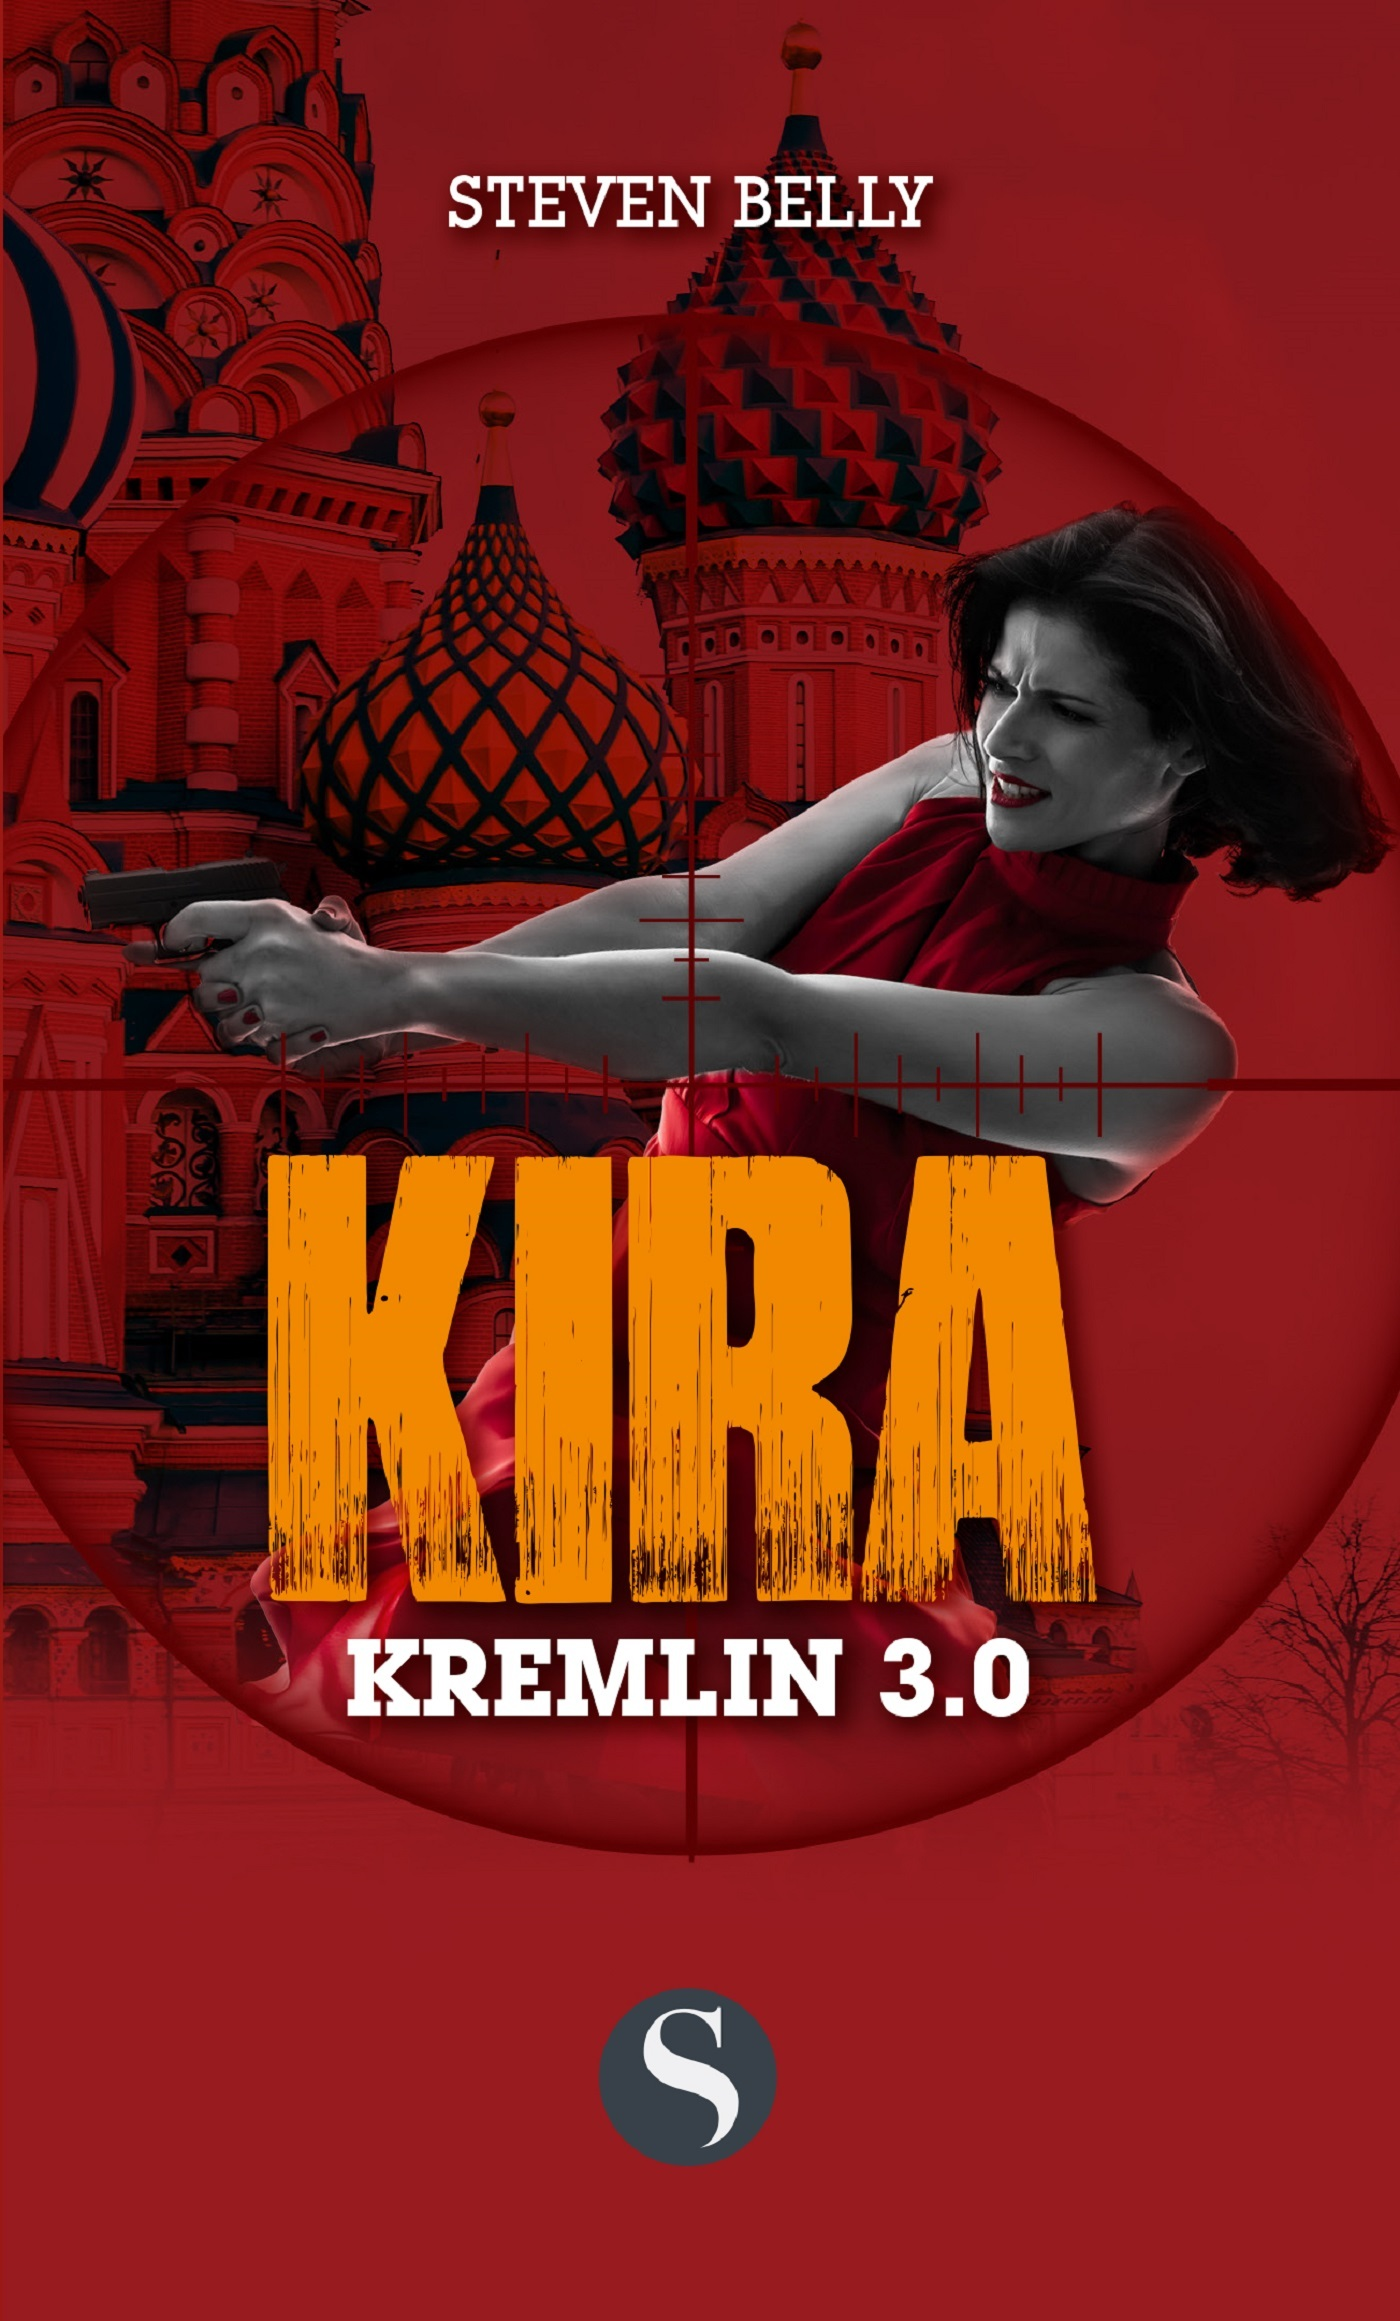 KREMLIN 3 0